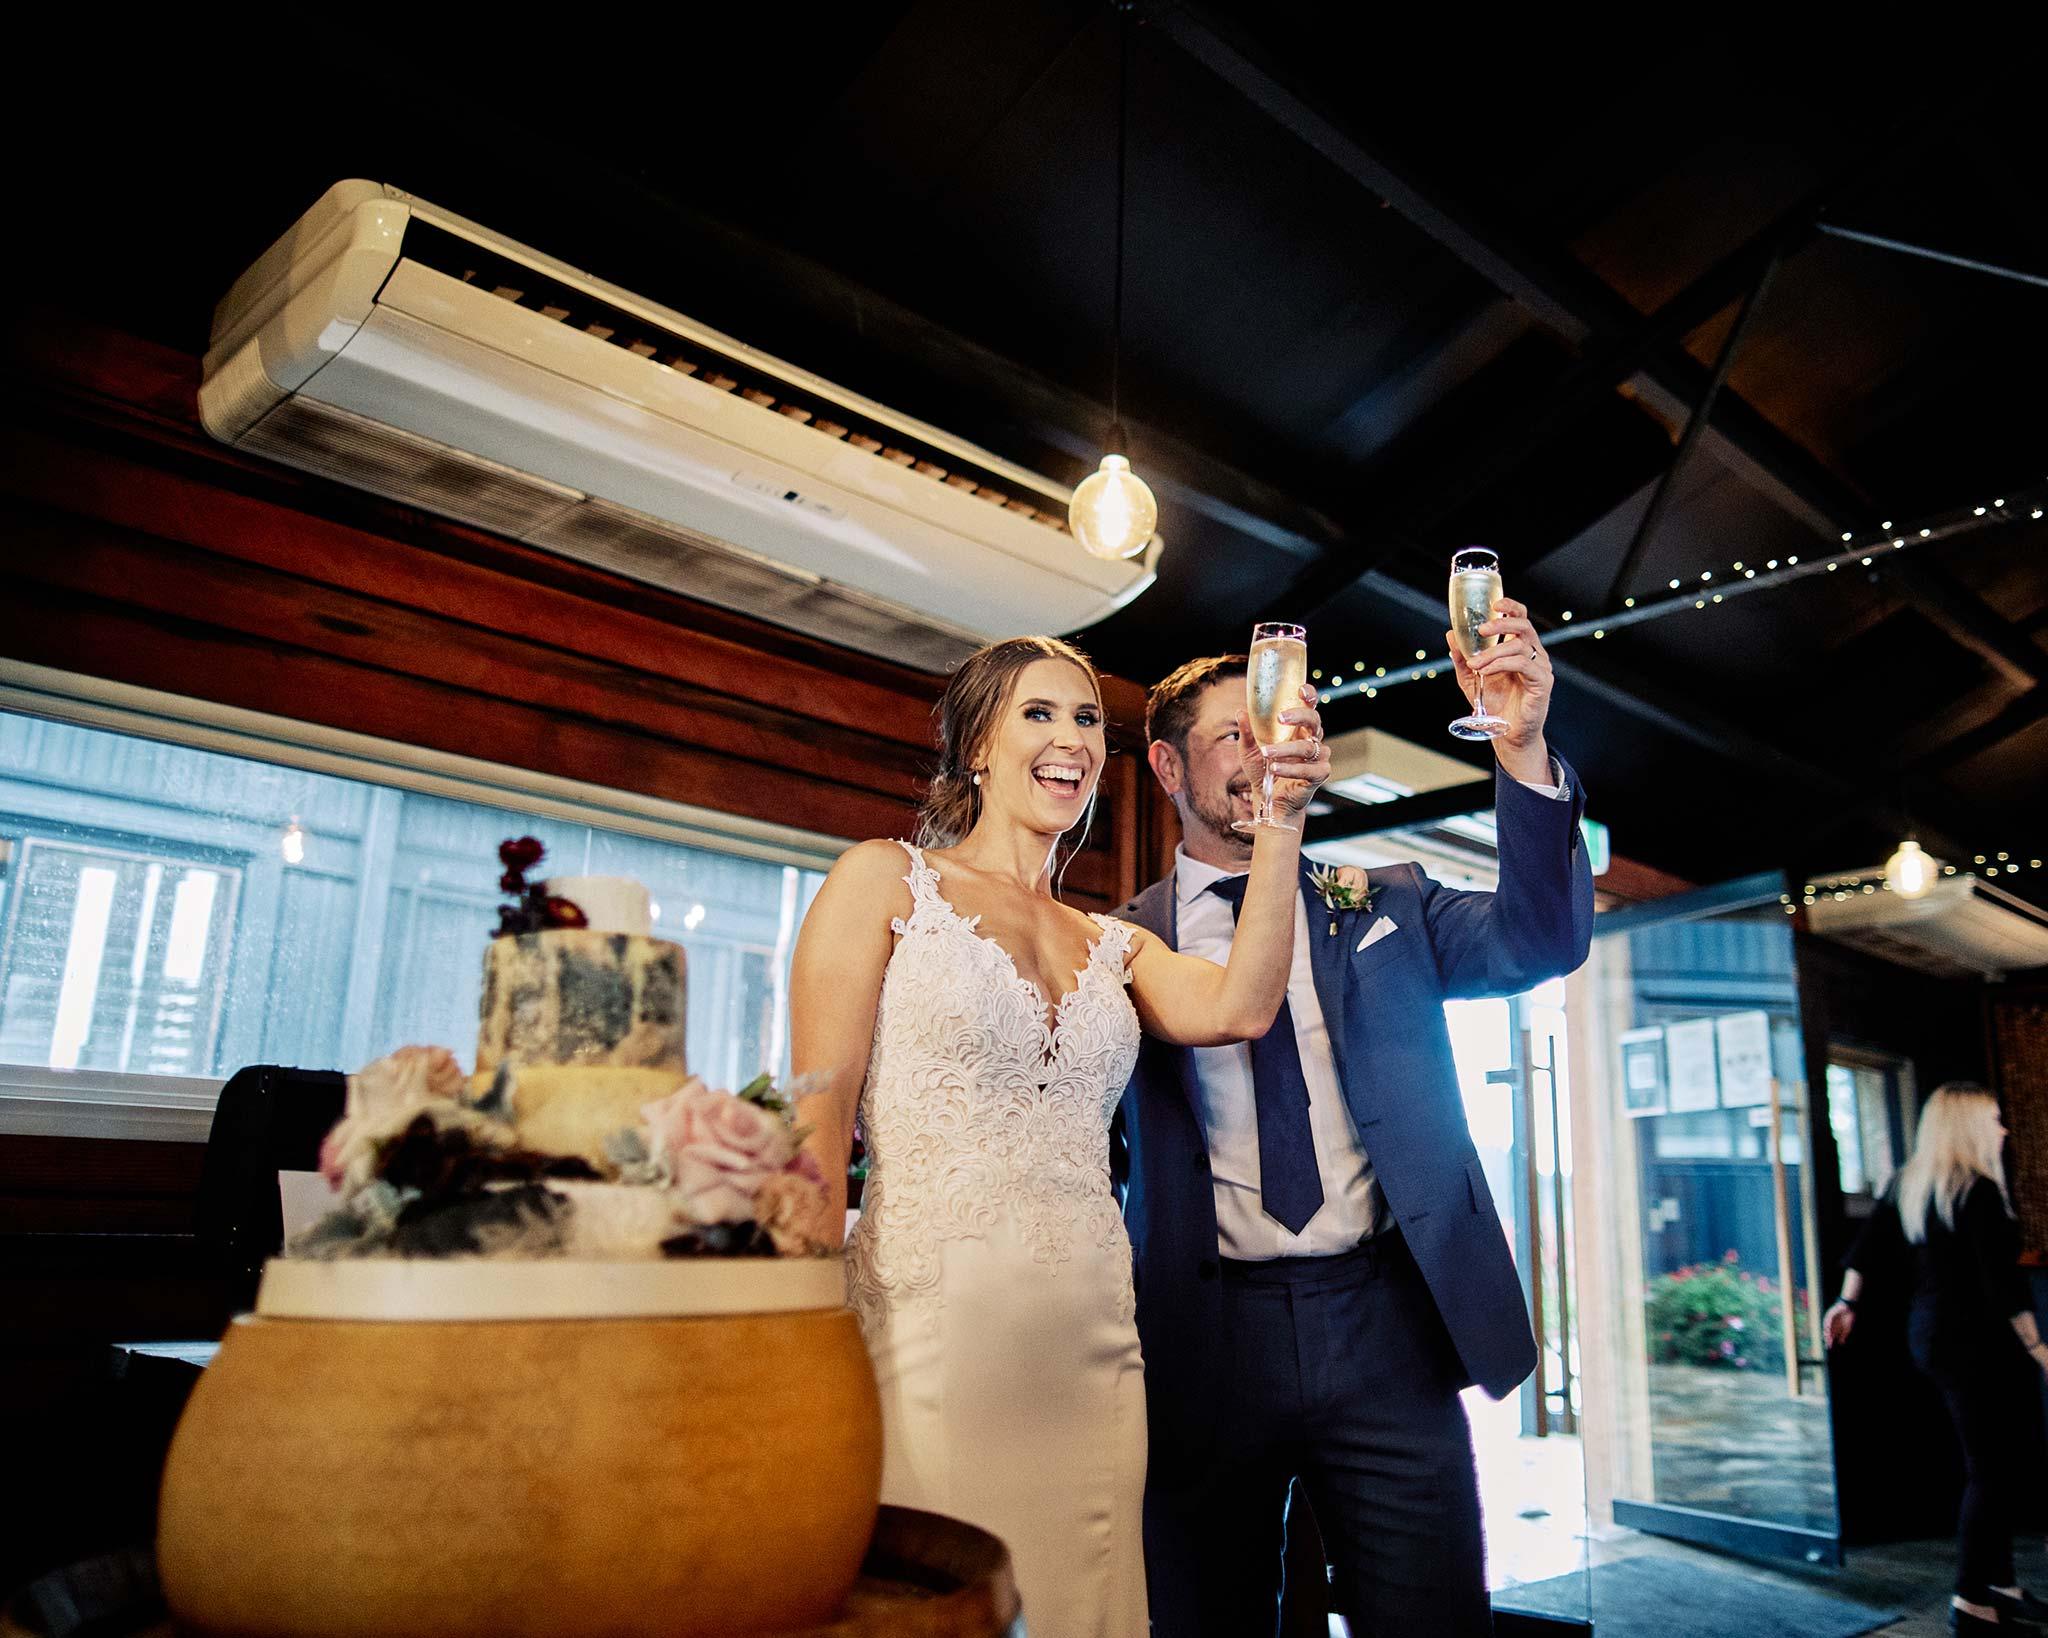 Zonzo estate wedding reception cheers